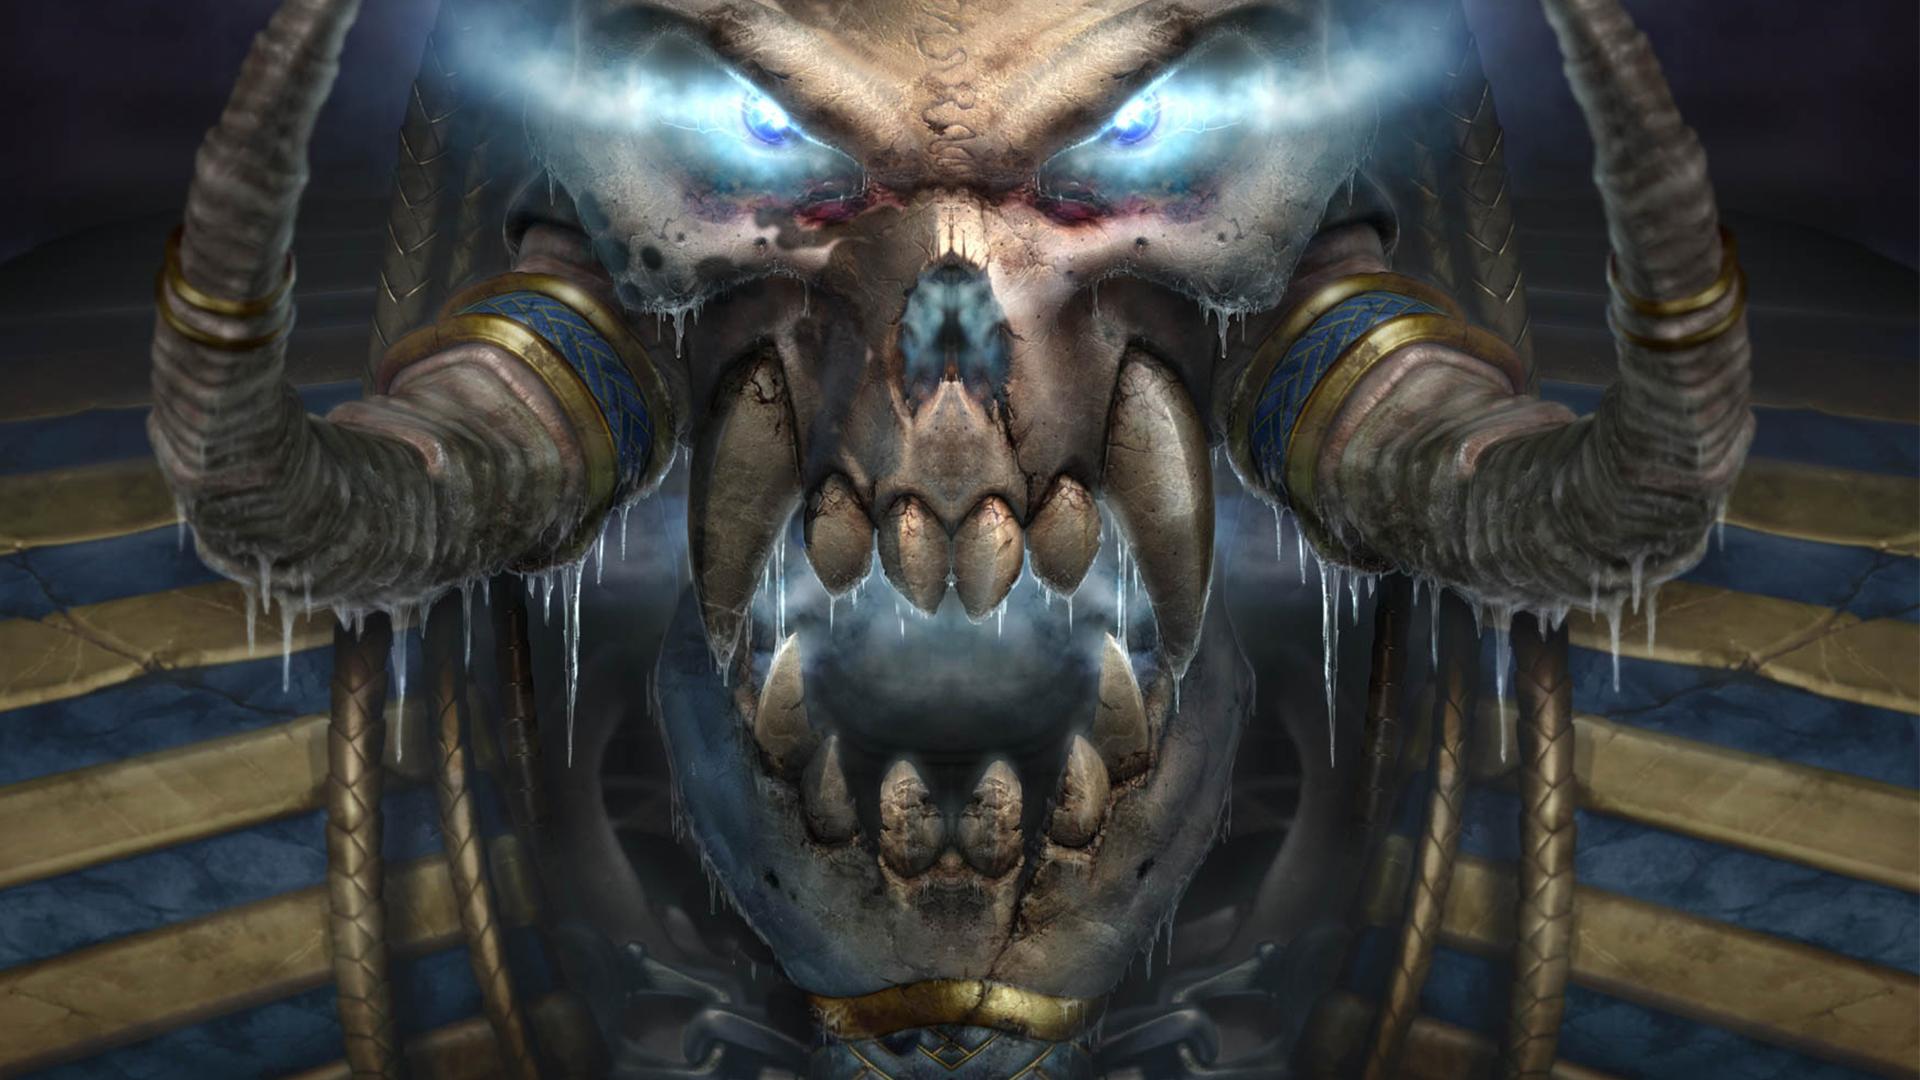 Warcraft3 Undead Skull Wallpaper By Slimebuck On Deviantart